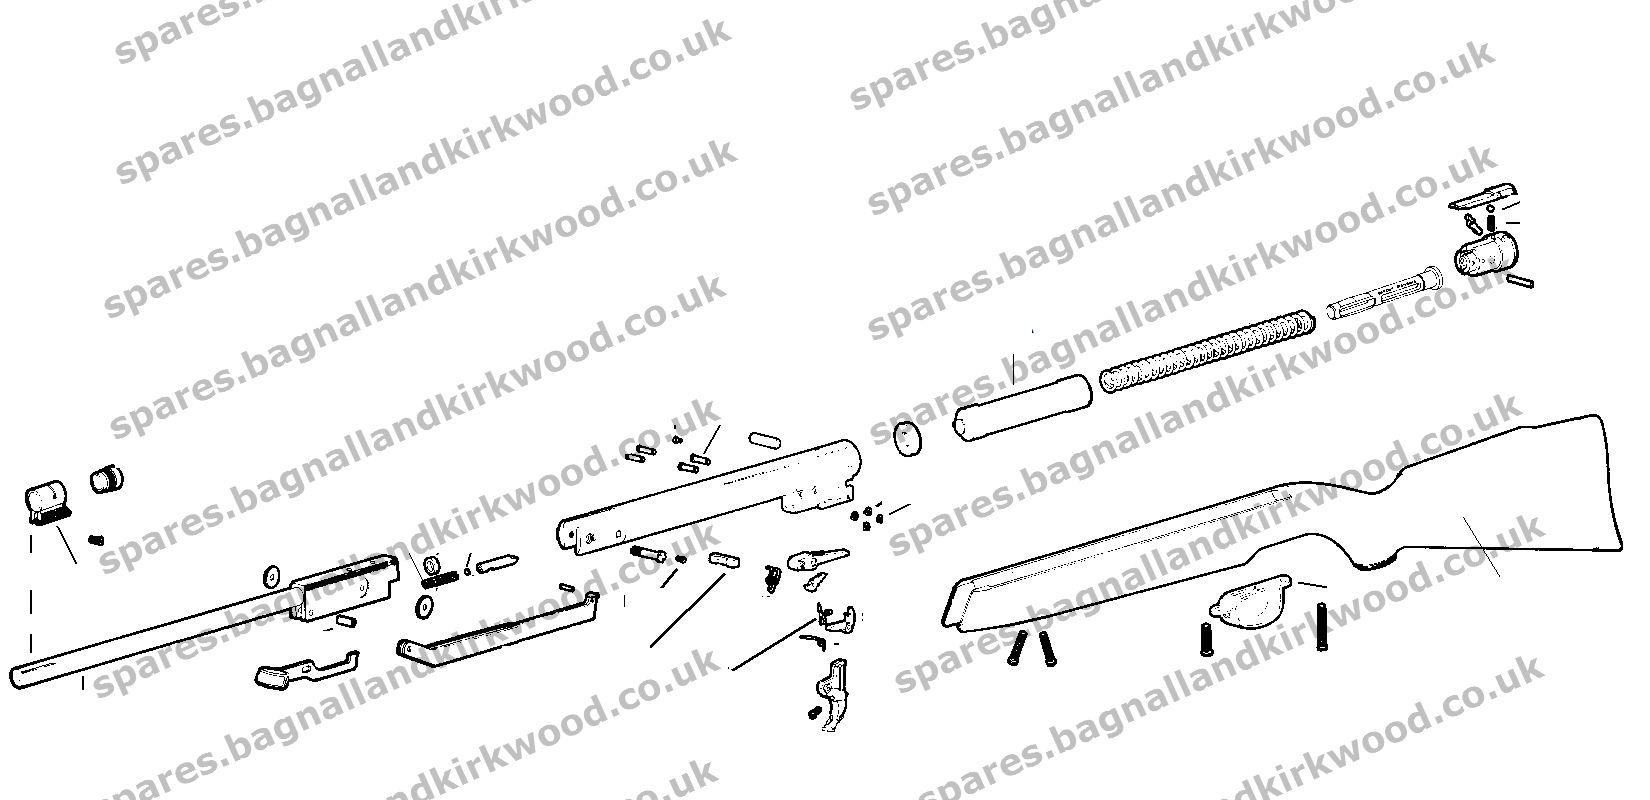 webley omega spare parts bagnall and kirkwood airgun spares rh spares bagnallandkirkwood co uk bsa air rifle parts diagram daisy air rifle parts diagram